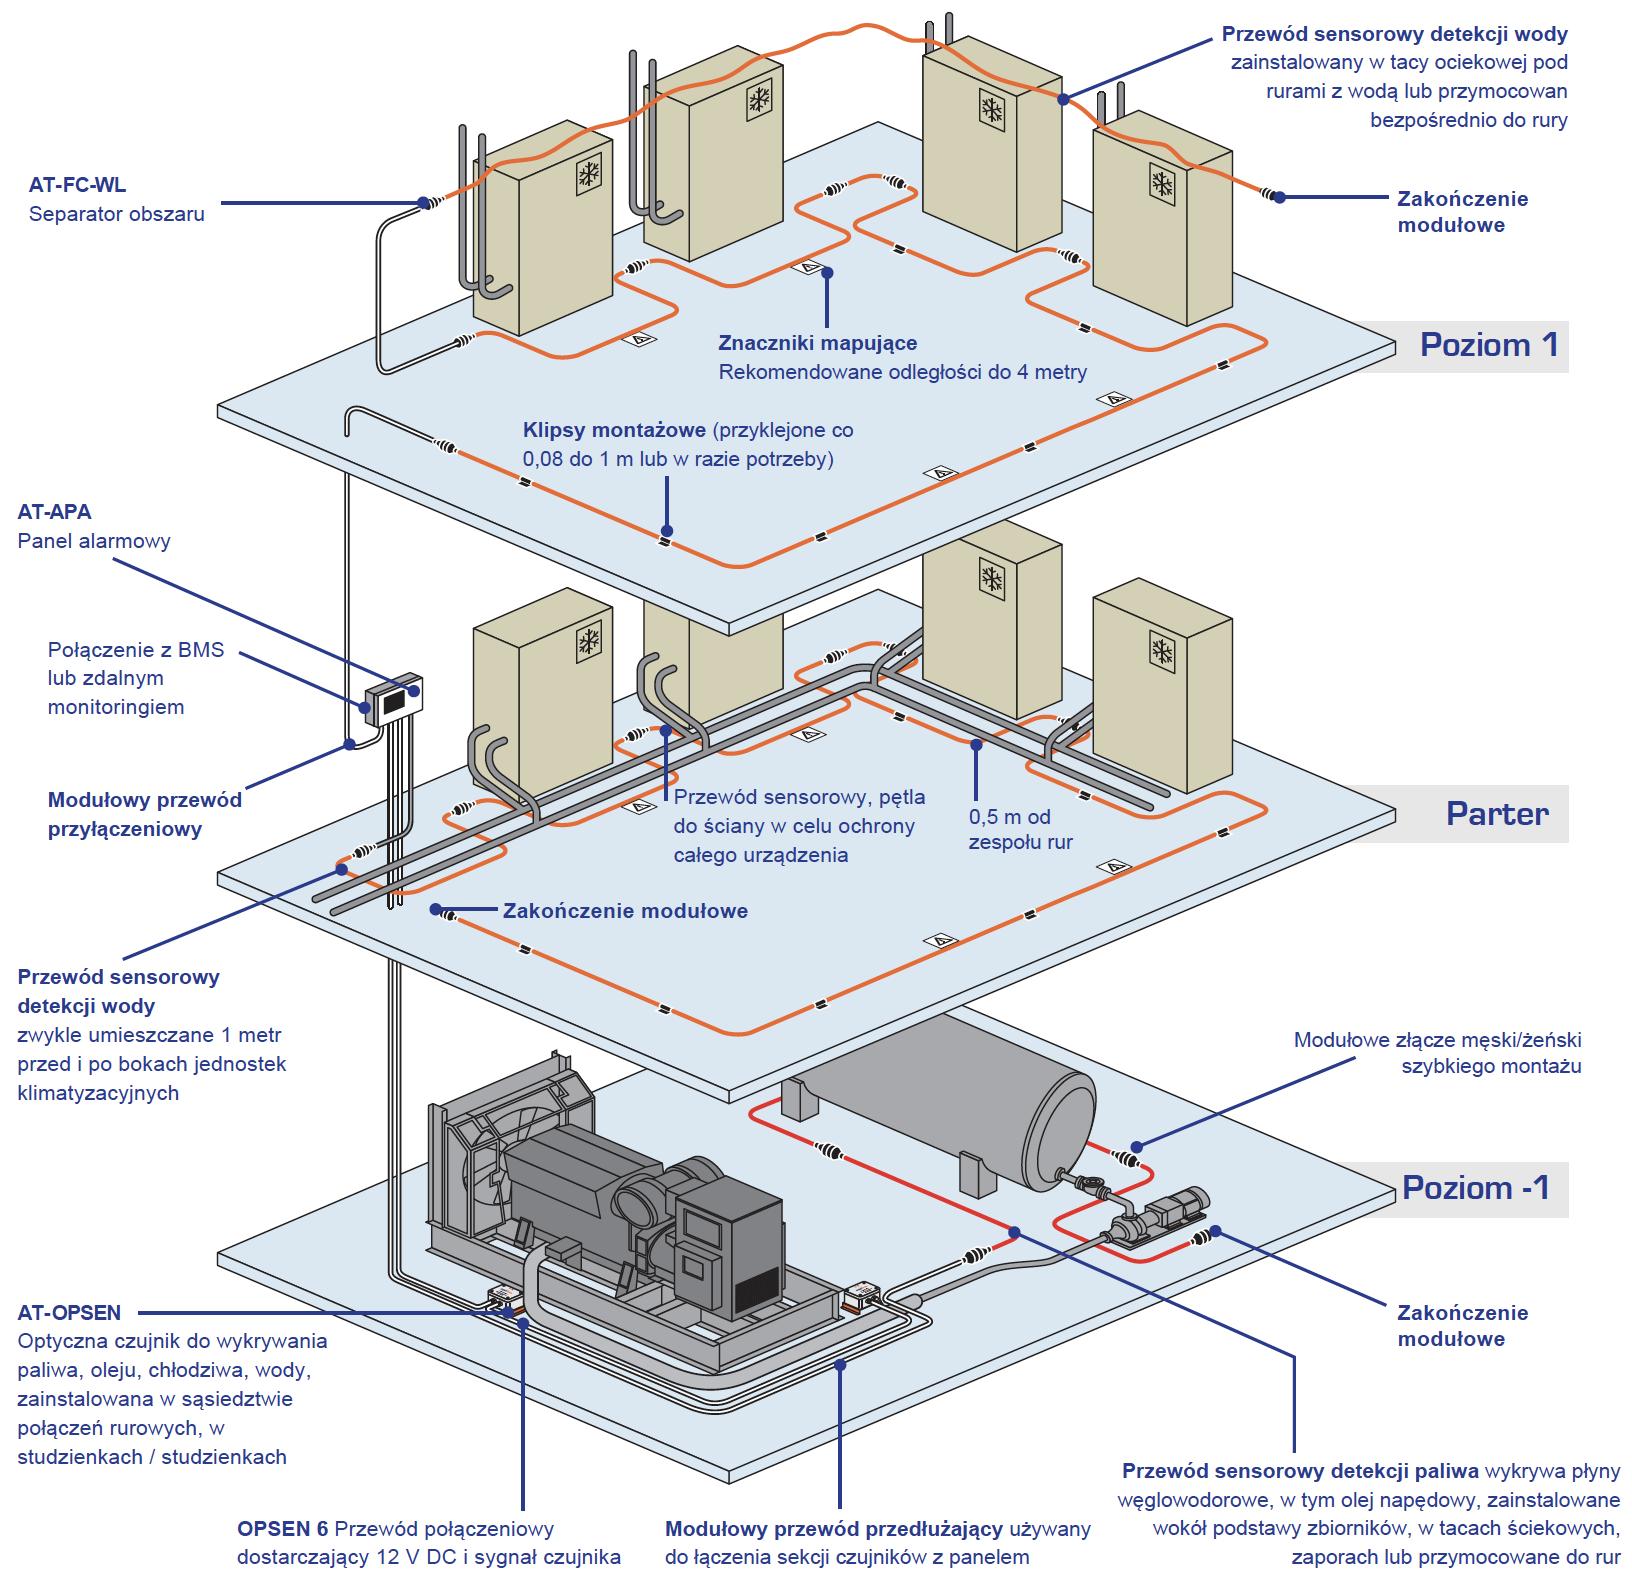 Rozproszony system detekcji wycieku wody